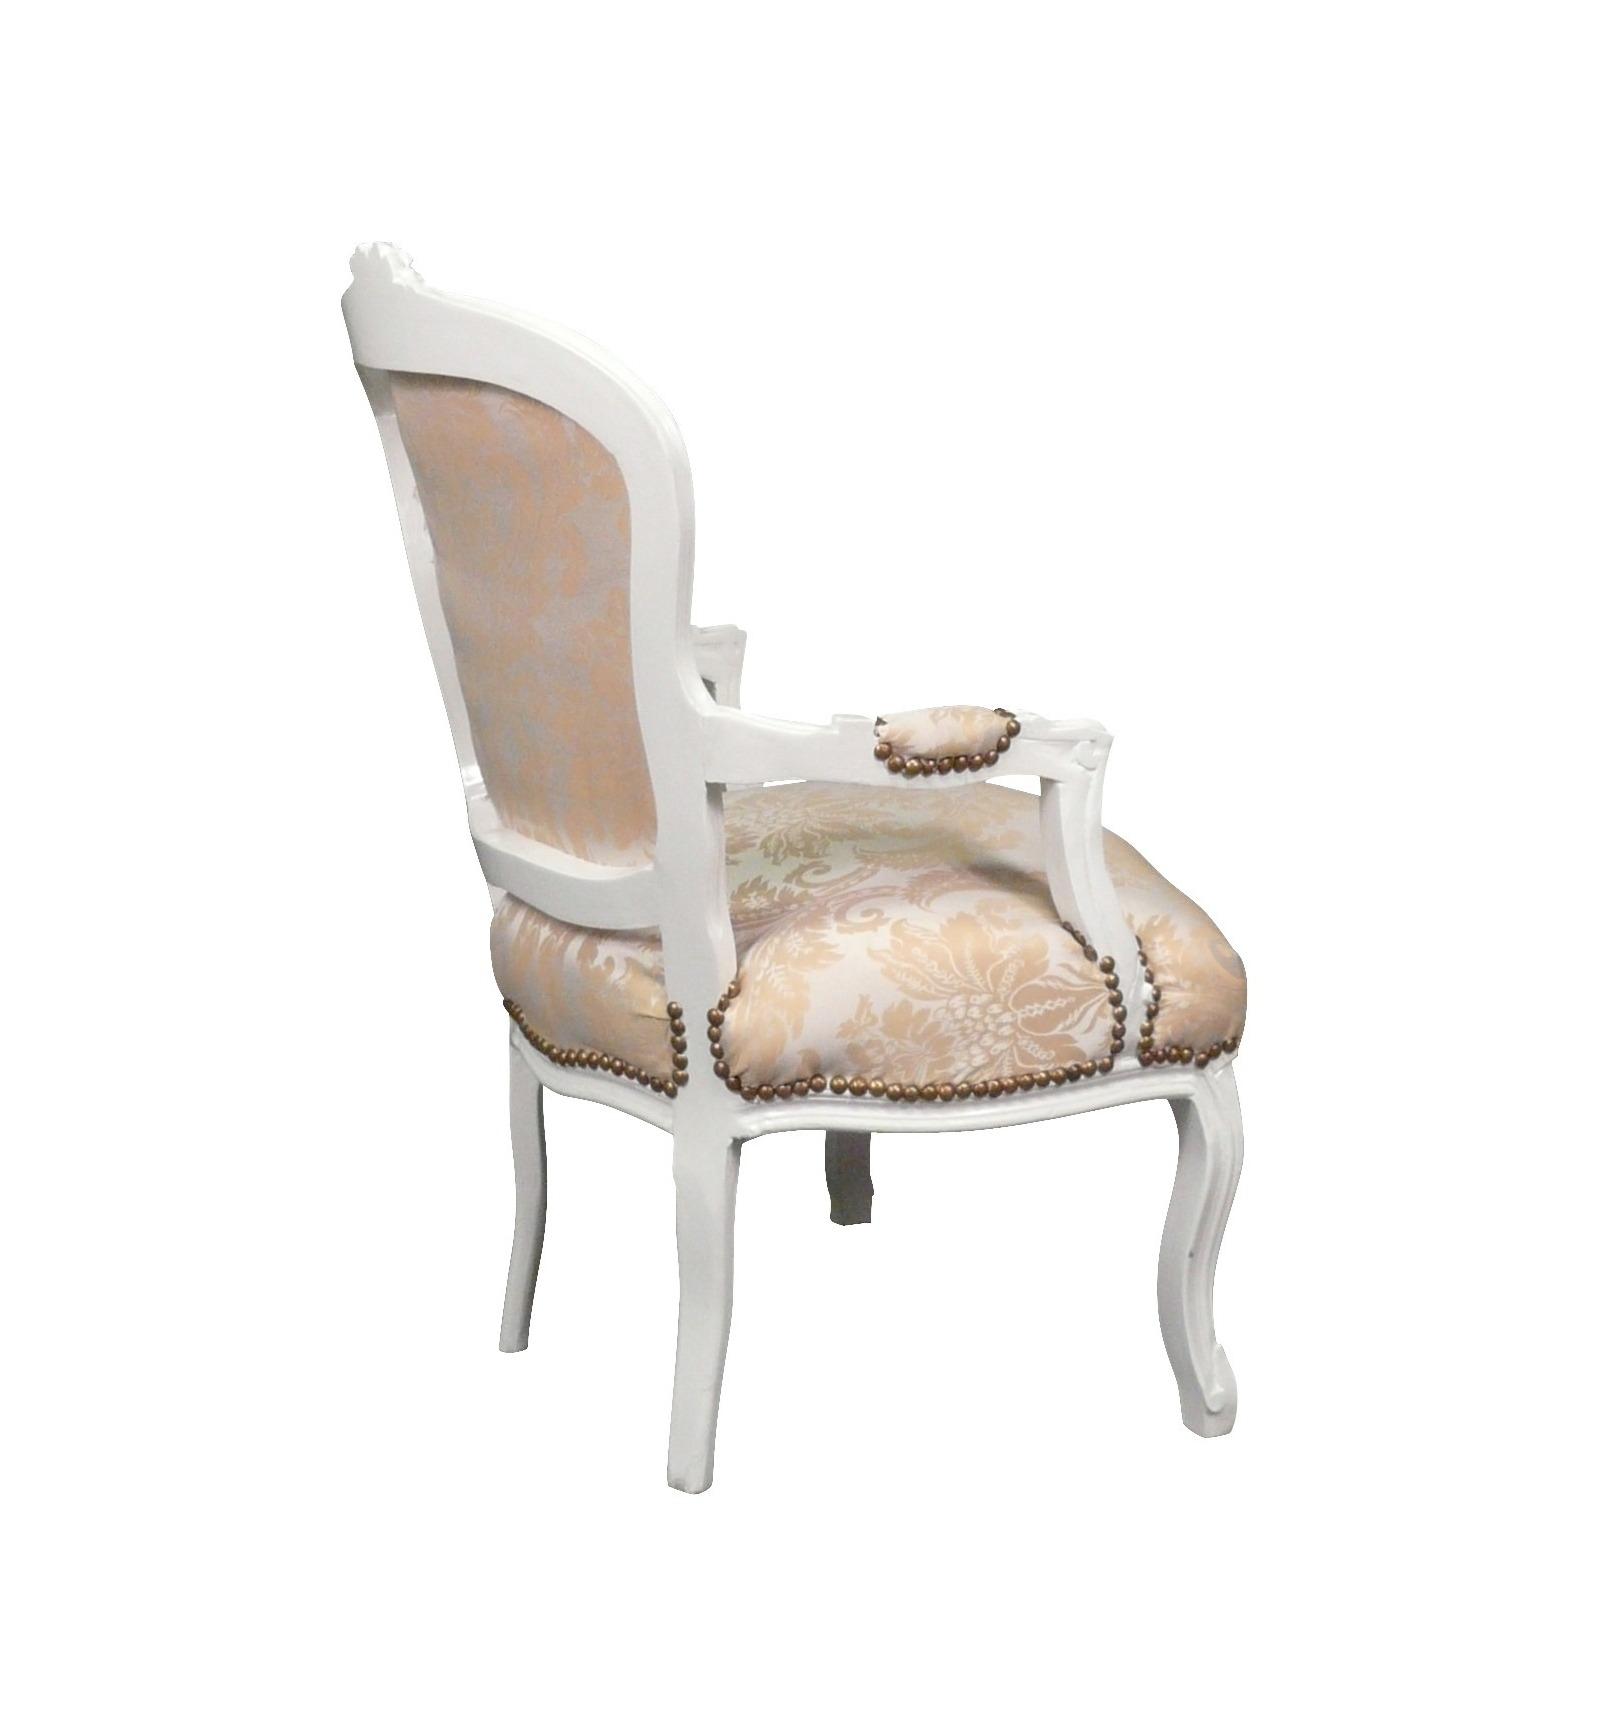 Fauteuil louis xv bois blanc et tissu satin mobilier de for Fauteuil bois blanc